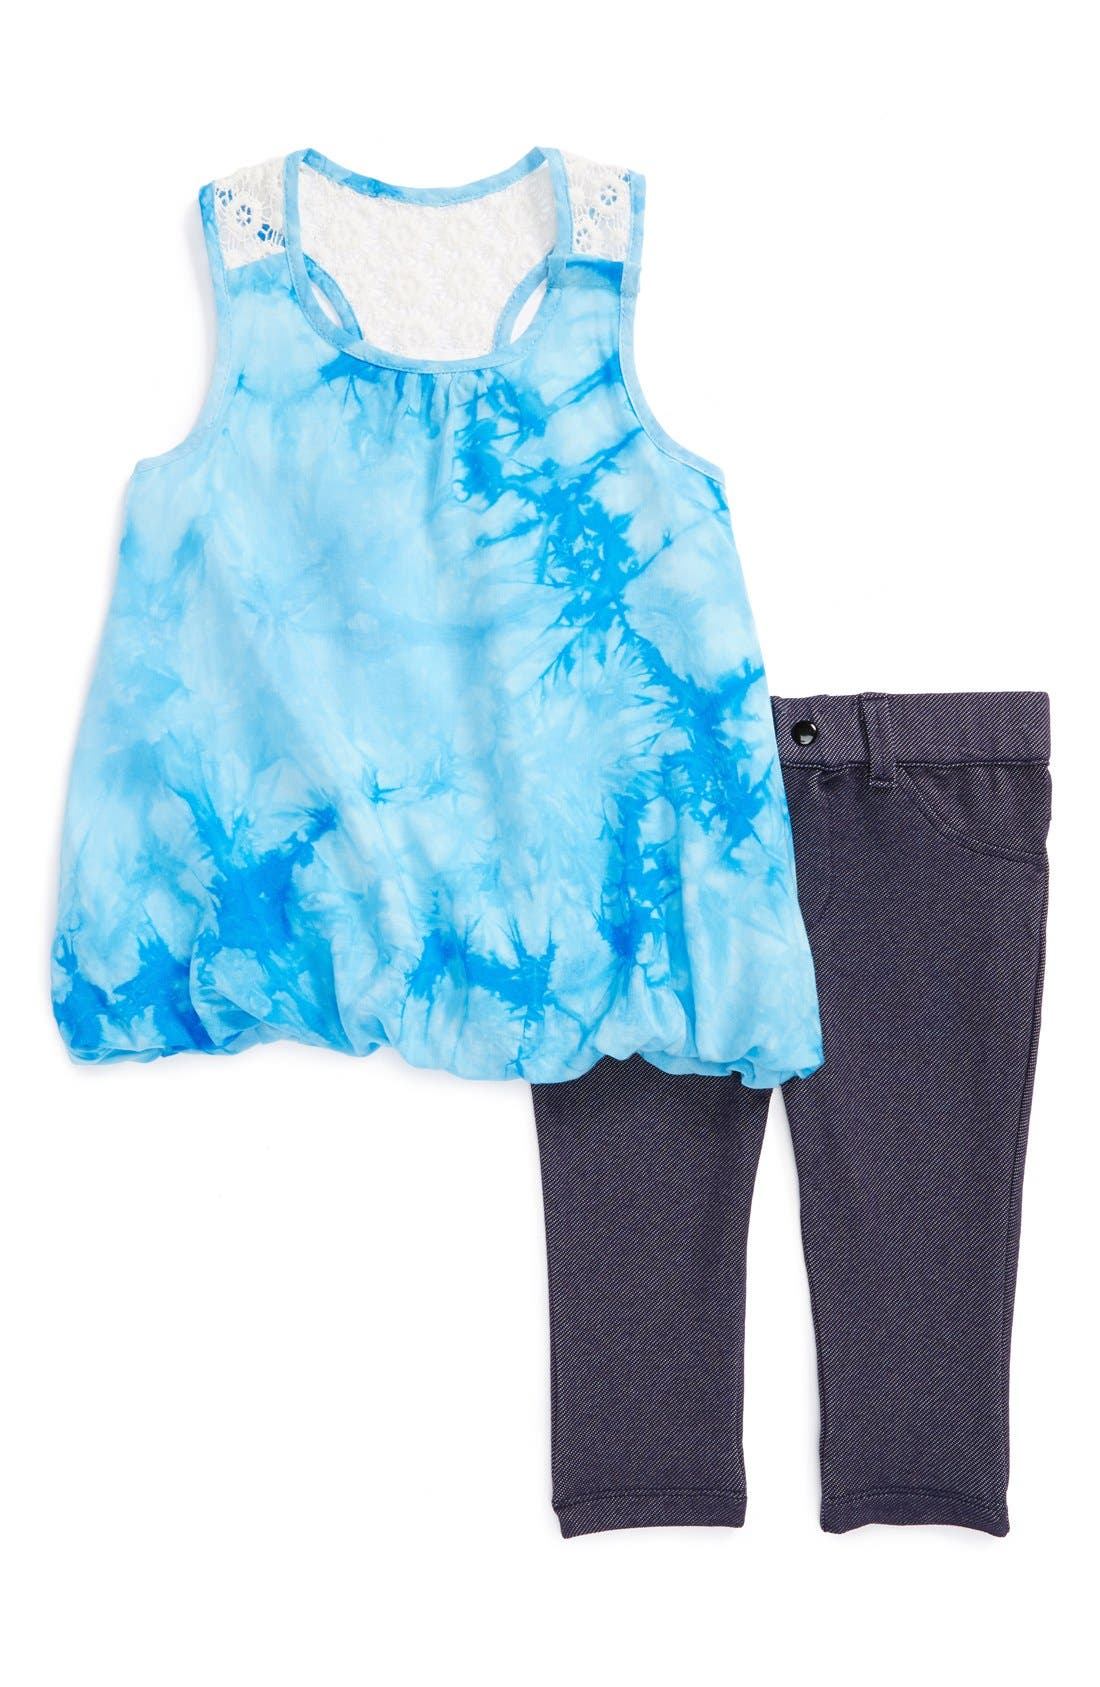 Alternate Image 1 Selected - Nicole Miller Sleeveless Tunic & Leggings (Baby Girls)